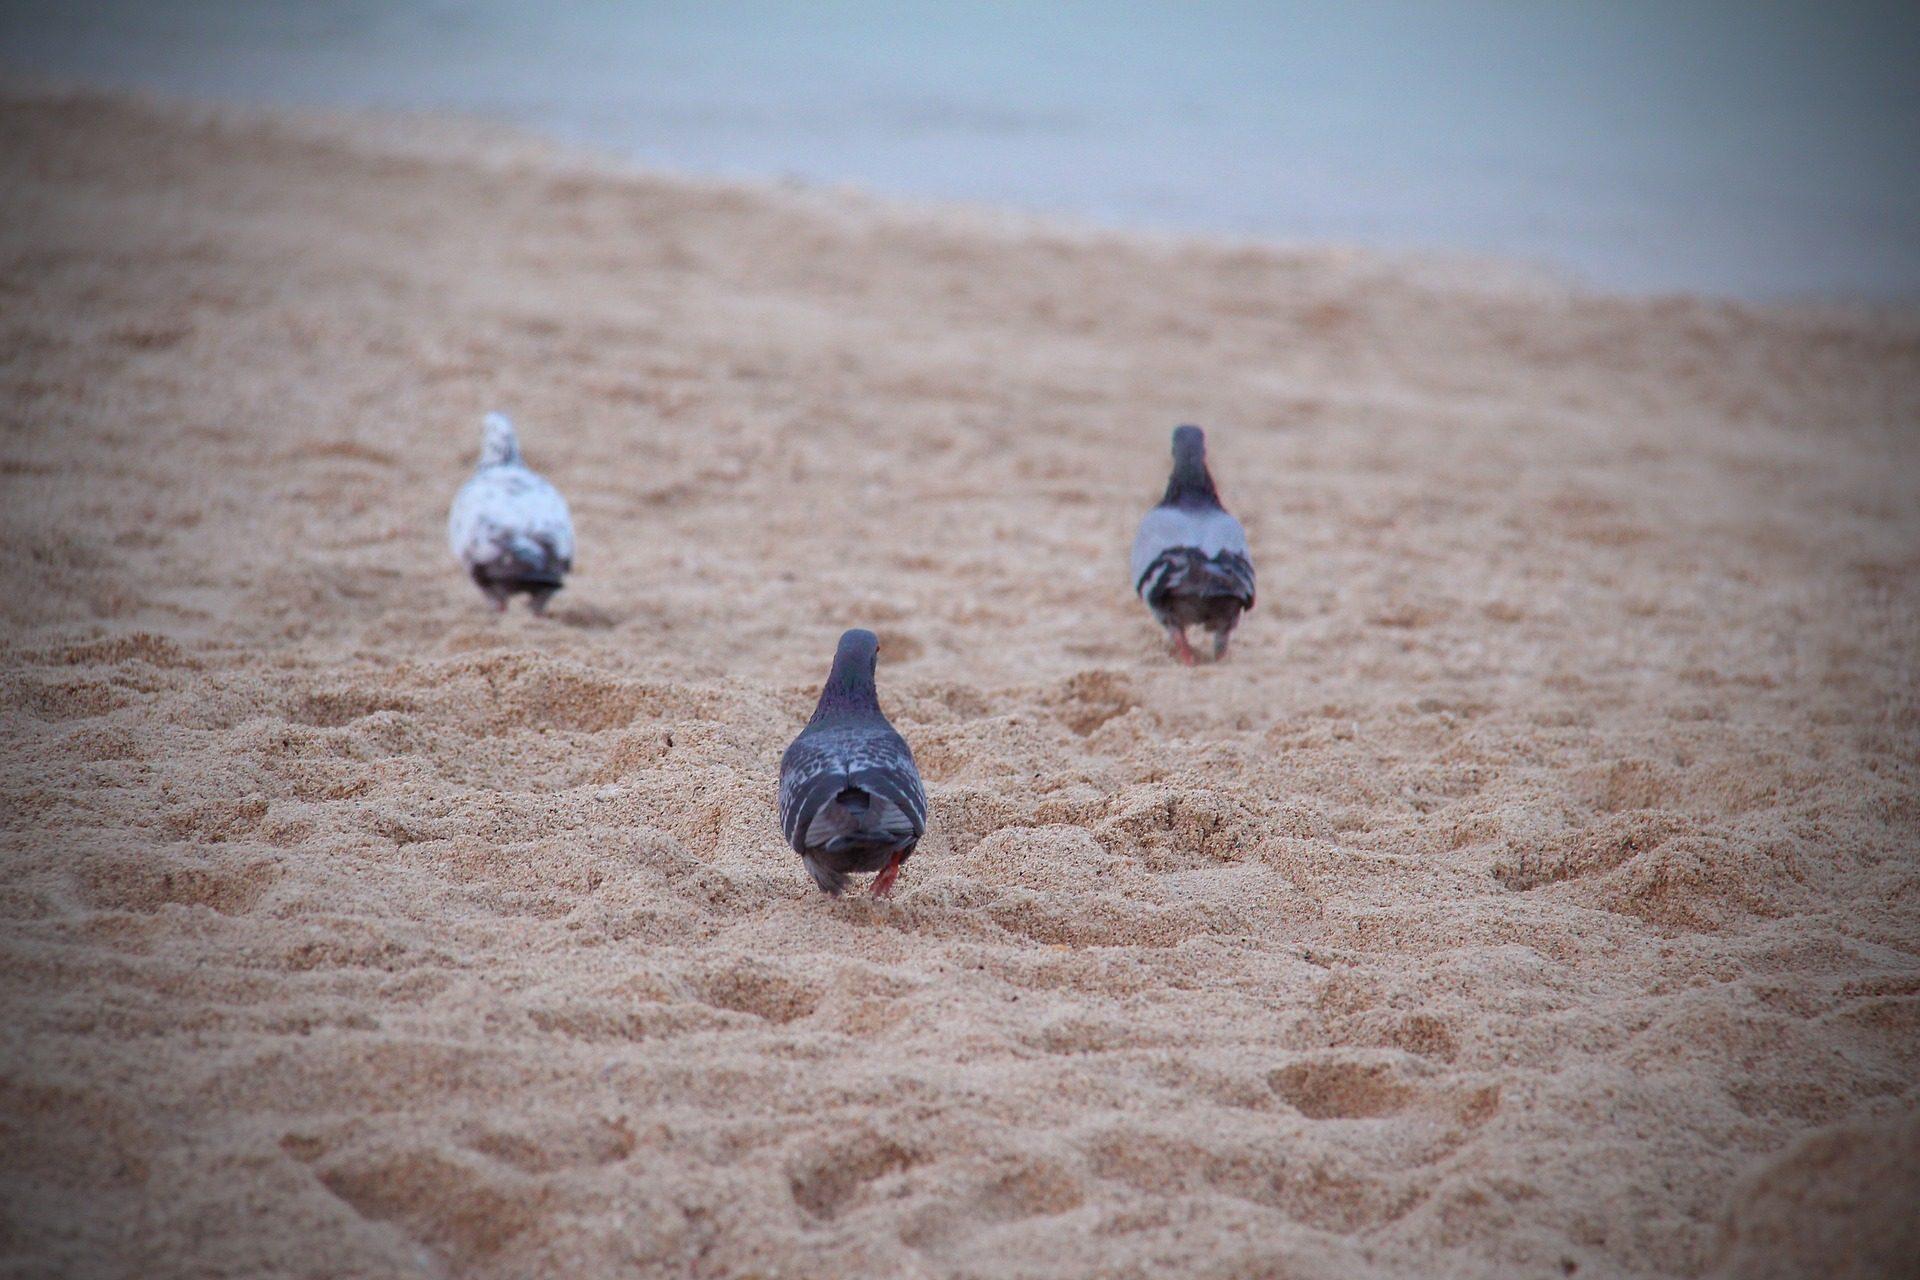 कबूतर, pájaros, पक्षी, समुद्र तट, रेत - HD वॉलपेपर - प्रोफेसर-falken.com